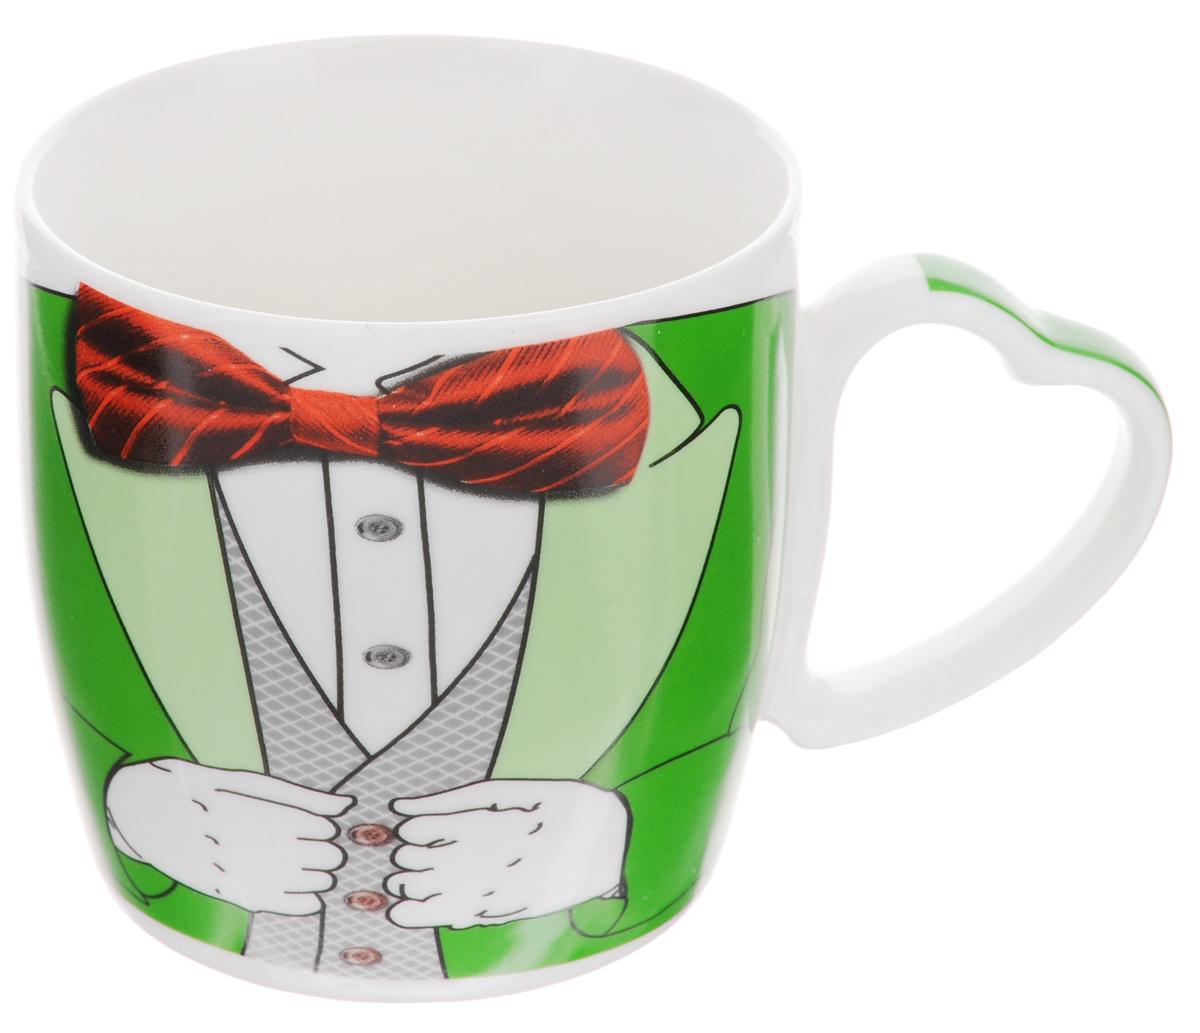 Кружка Loraine Джентльмен, 300 мл21558Кружка Loraine Джентльмен изготовлена из высококачественного фарфора. Изделие оформлено изображением зеленого мужского костюма с красной бабочкой. Ручка выполнена в форме сердца. Такая кружка станет приятным сувениром и обязательно порадует получателя. Объем: 300 мл. Диаметр (по верхнему краю): 8,5 см. Высота стенки: 8,5 см.